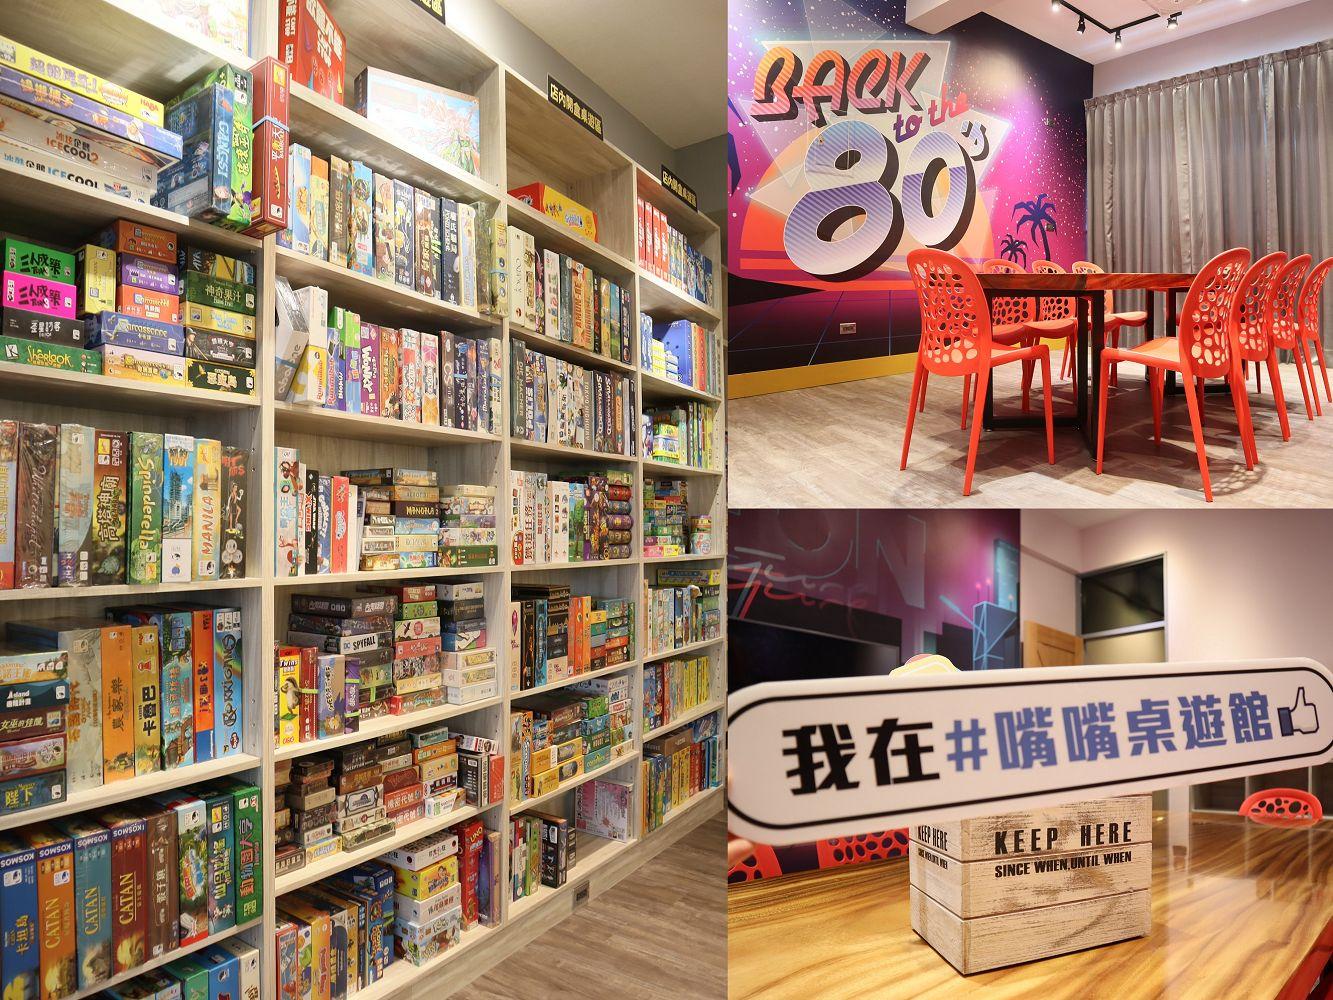 台南桌遊店︱嘴嘴桌遊東安館:一整棟5層樓都是我的桌遊館,5大不同風格包廂,還有兒童專屬桌遊空間